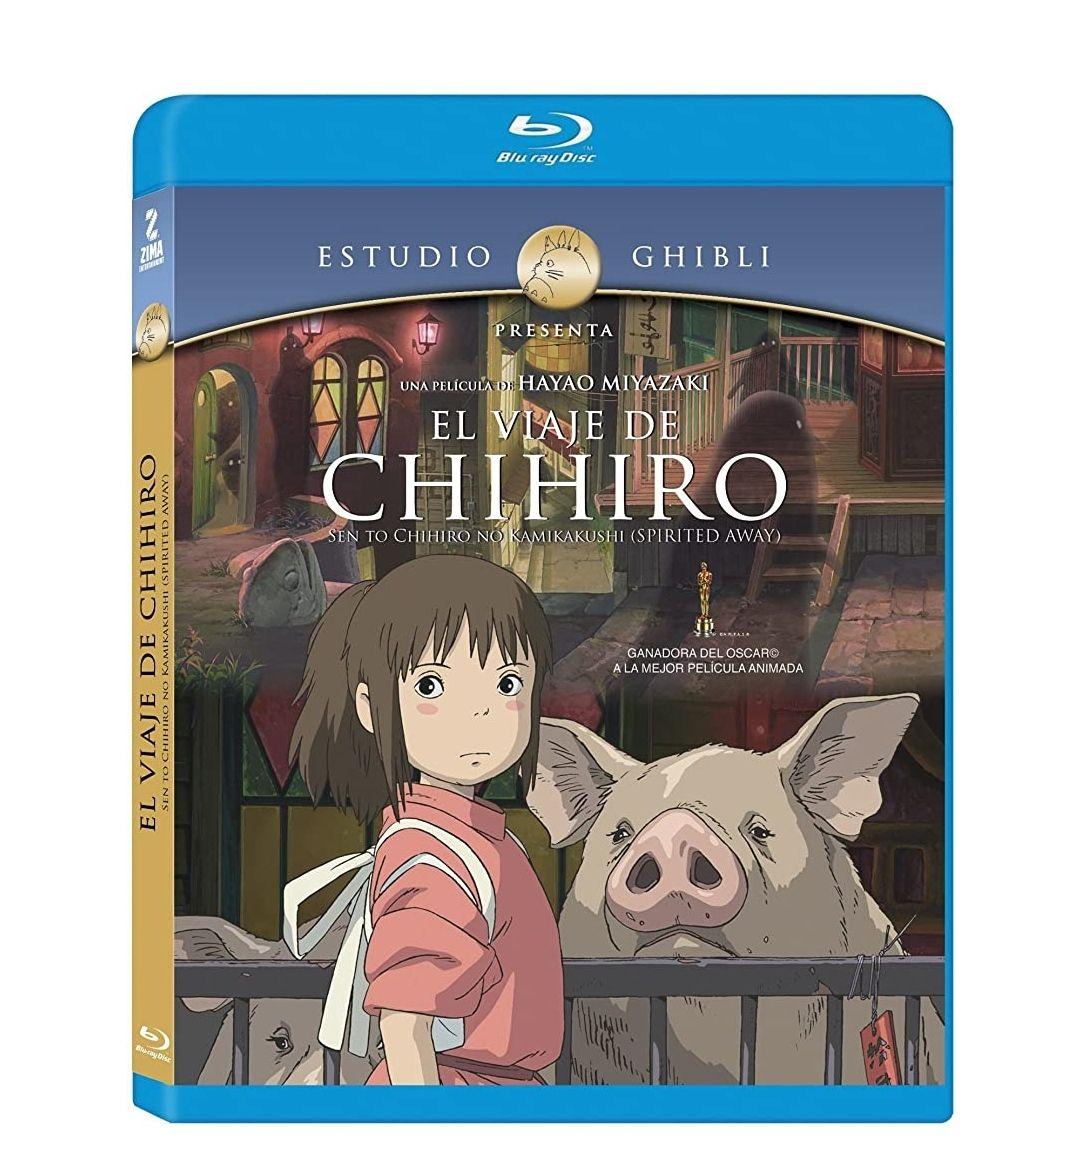 Amazon: El Viaje de Chihiro